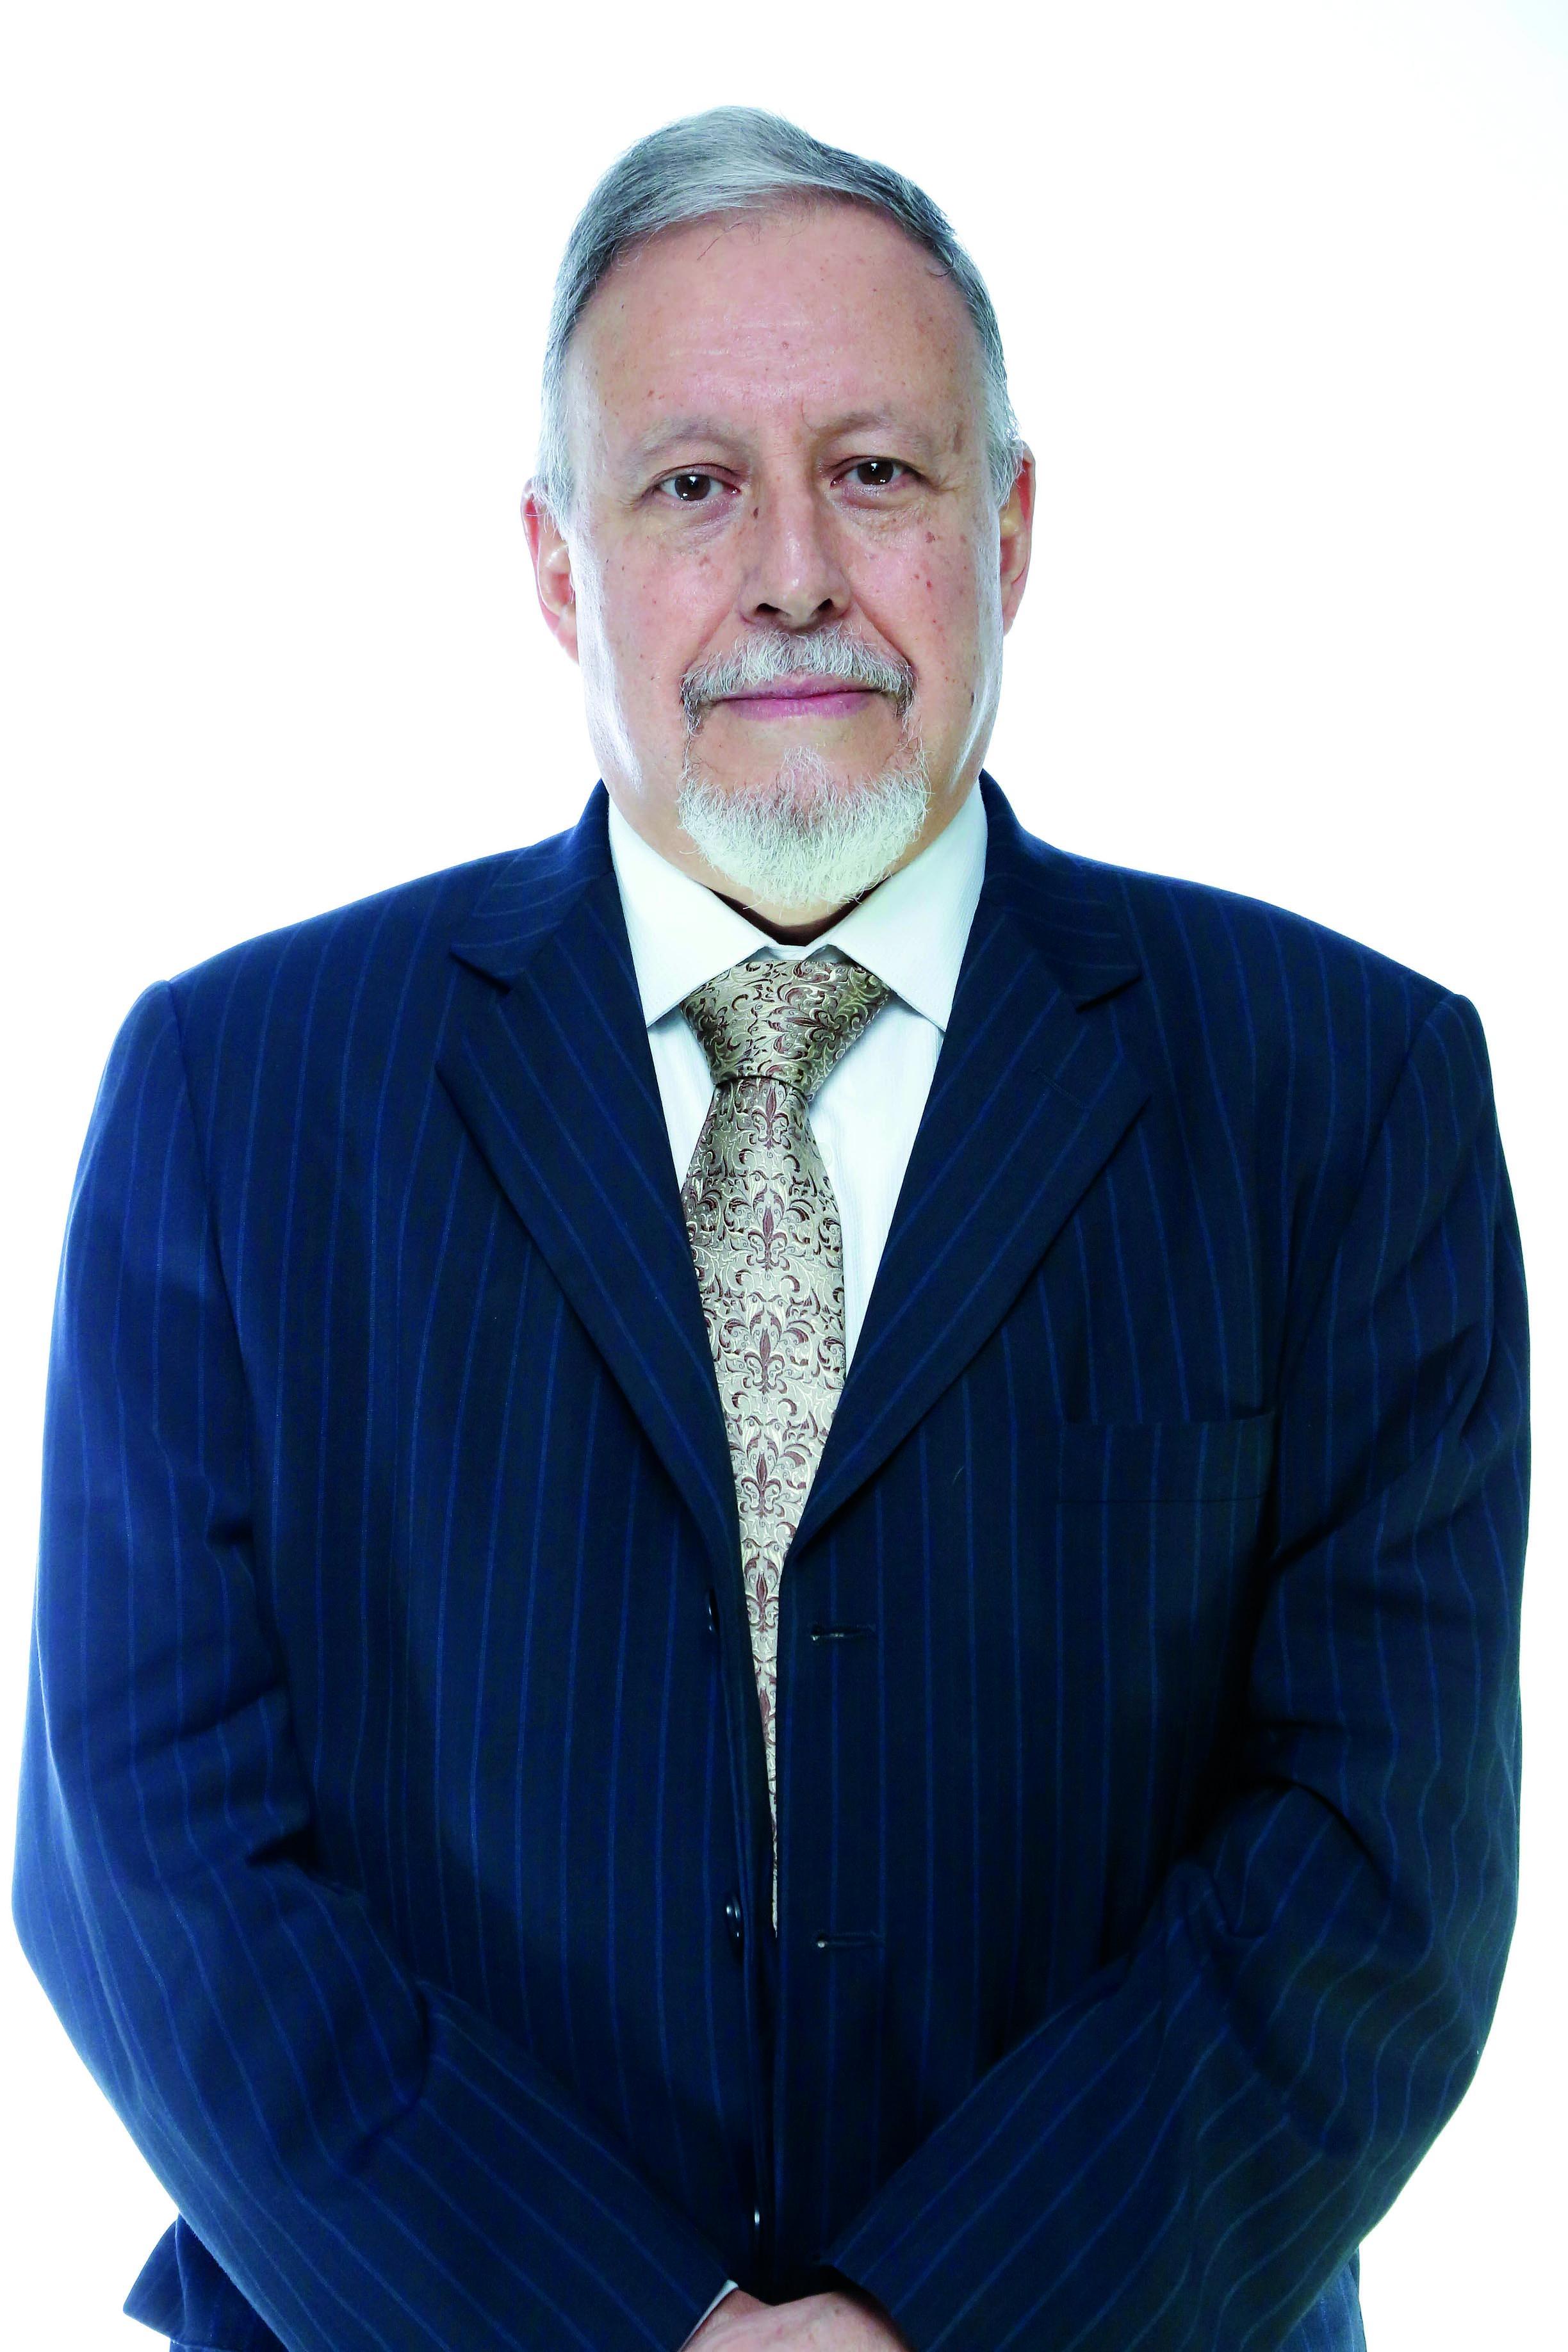 Procurador da Justiça Daniel Prado da Silveira